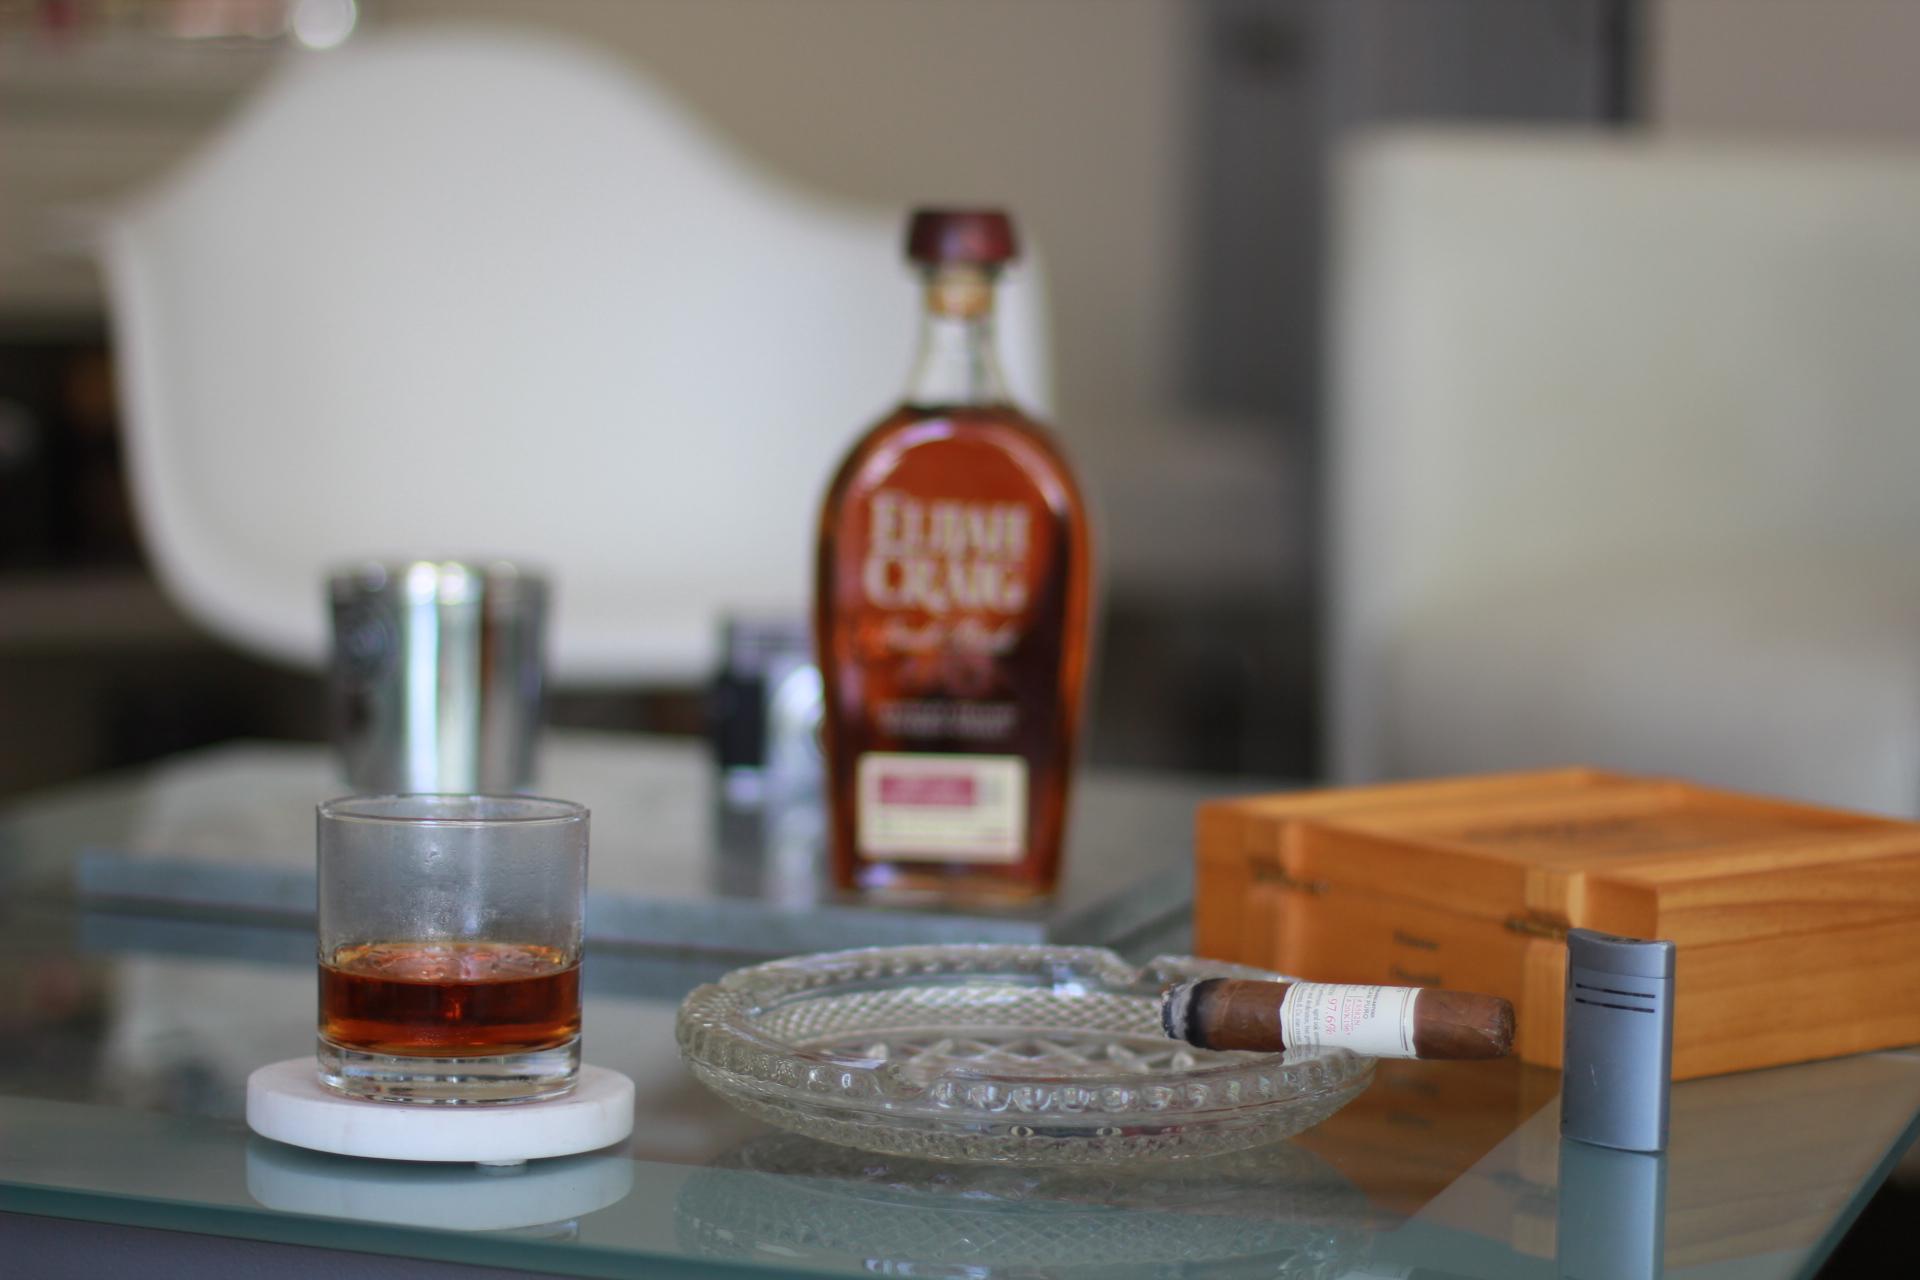 Enjoying a Gurkha cigar and whiskey